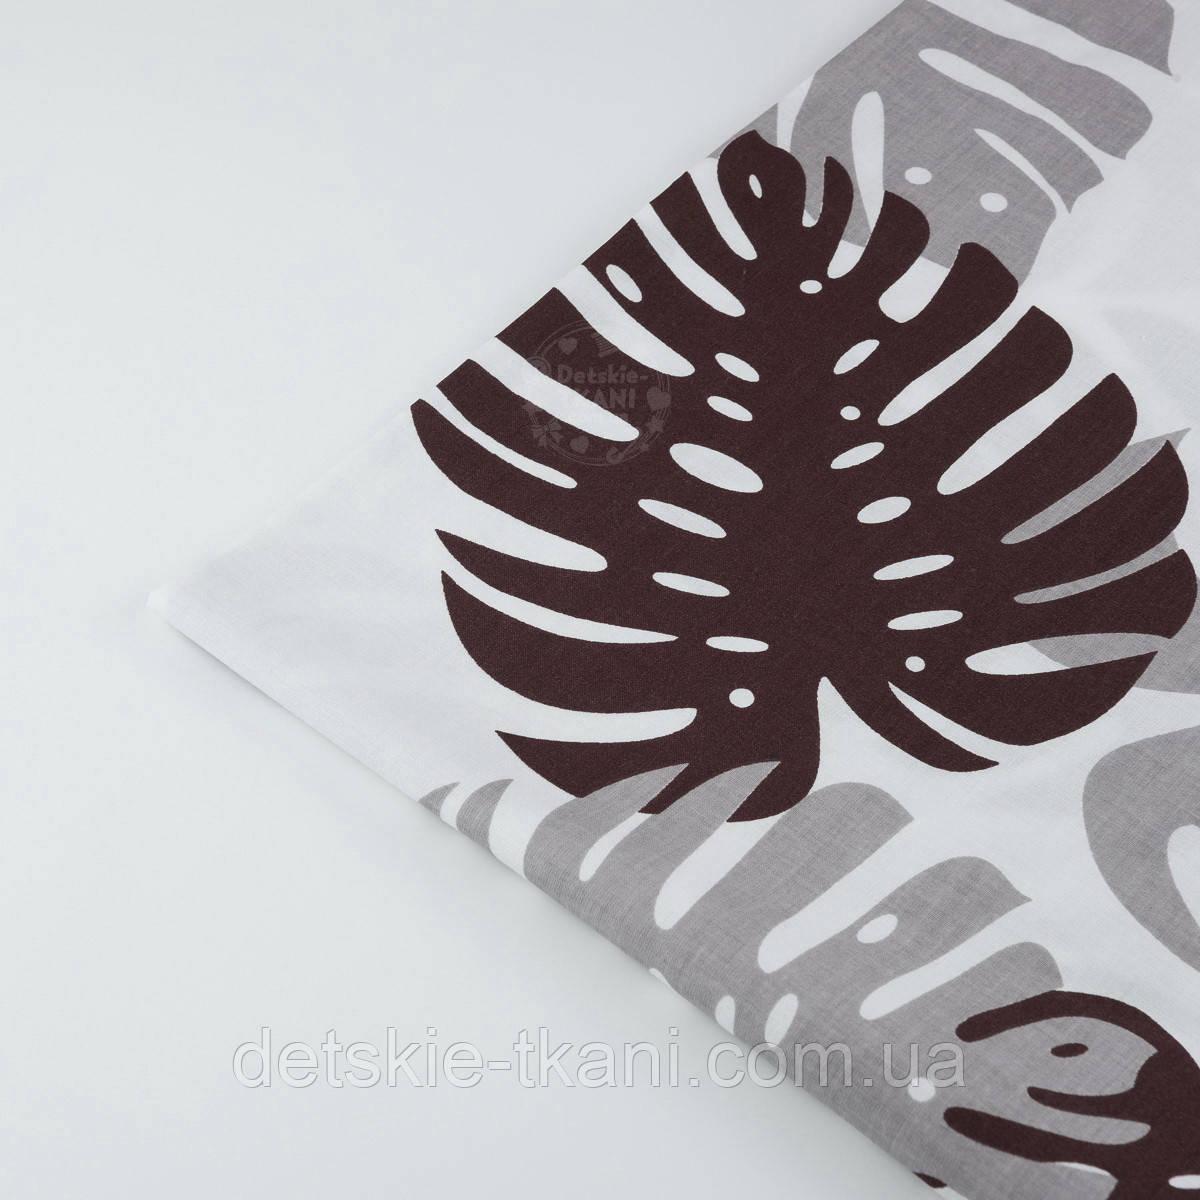 """Отрез ткани """"Большие листья монстеры"""" коричневые и серые на белом, 125 г/м2 (№1338а) размер 90*160"""